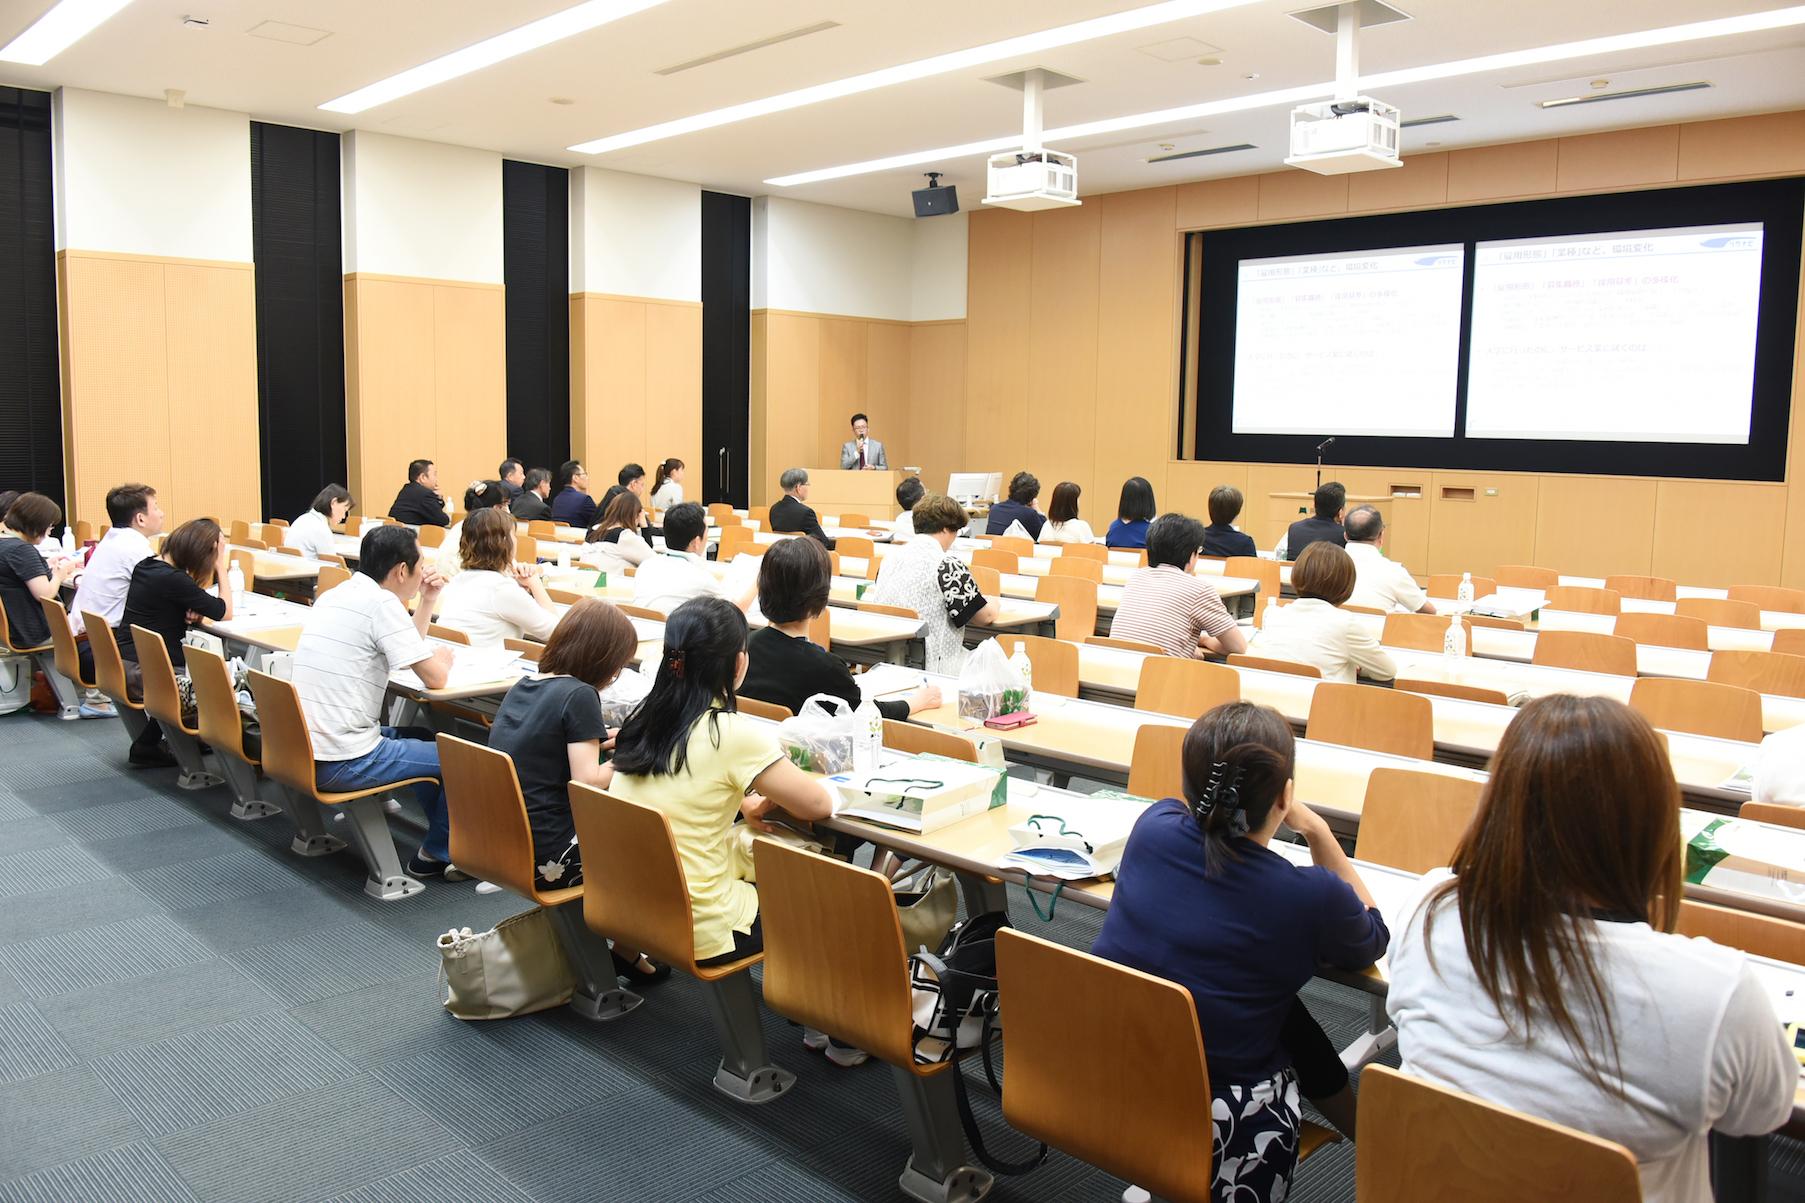 第3部保護者セミナー 株式会社リクルートキャリア 河村法征氏